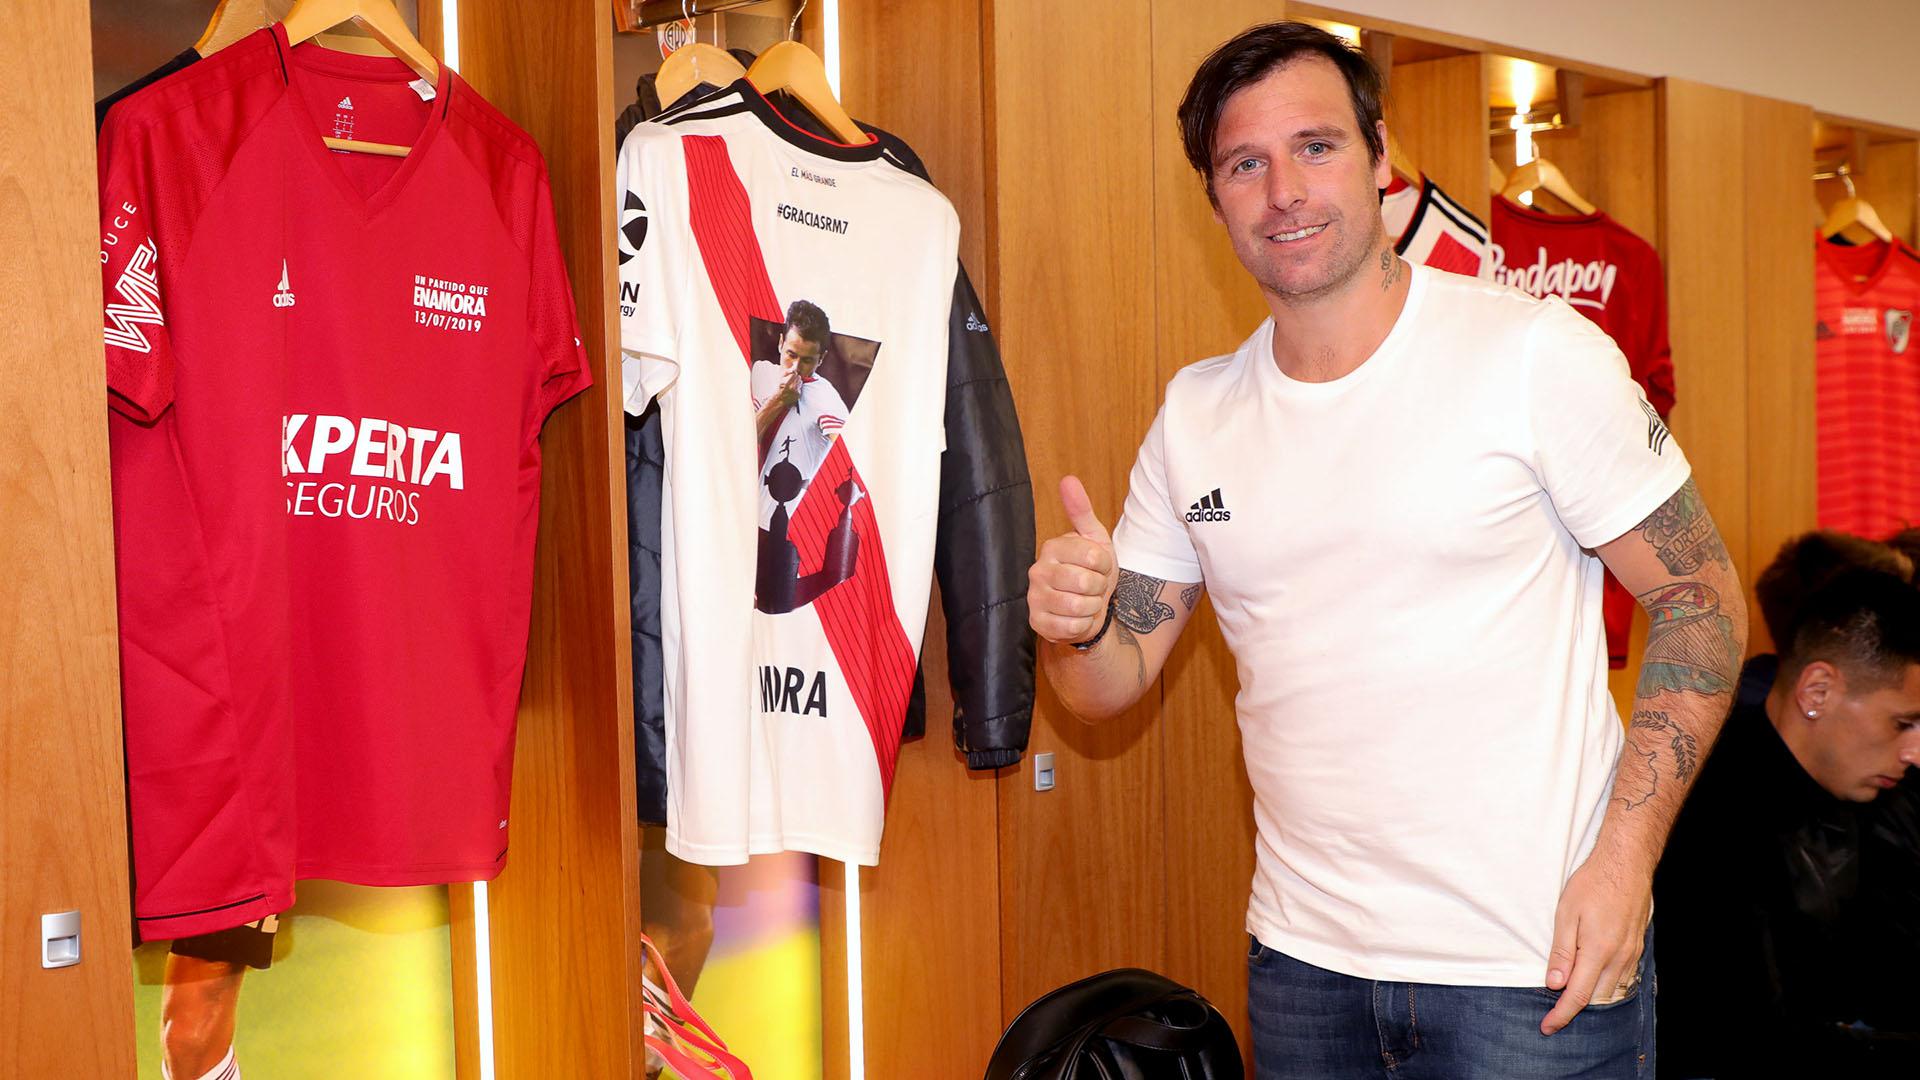 Fernando Cavenaghi también asistió al partido homenaje, junto con Mora consiguieron la Libertadores 2015